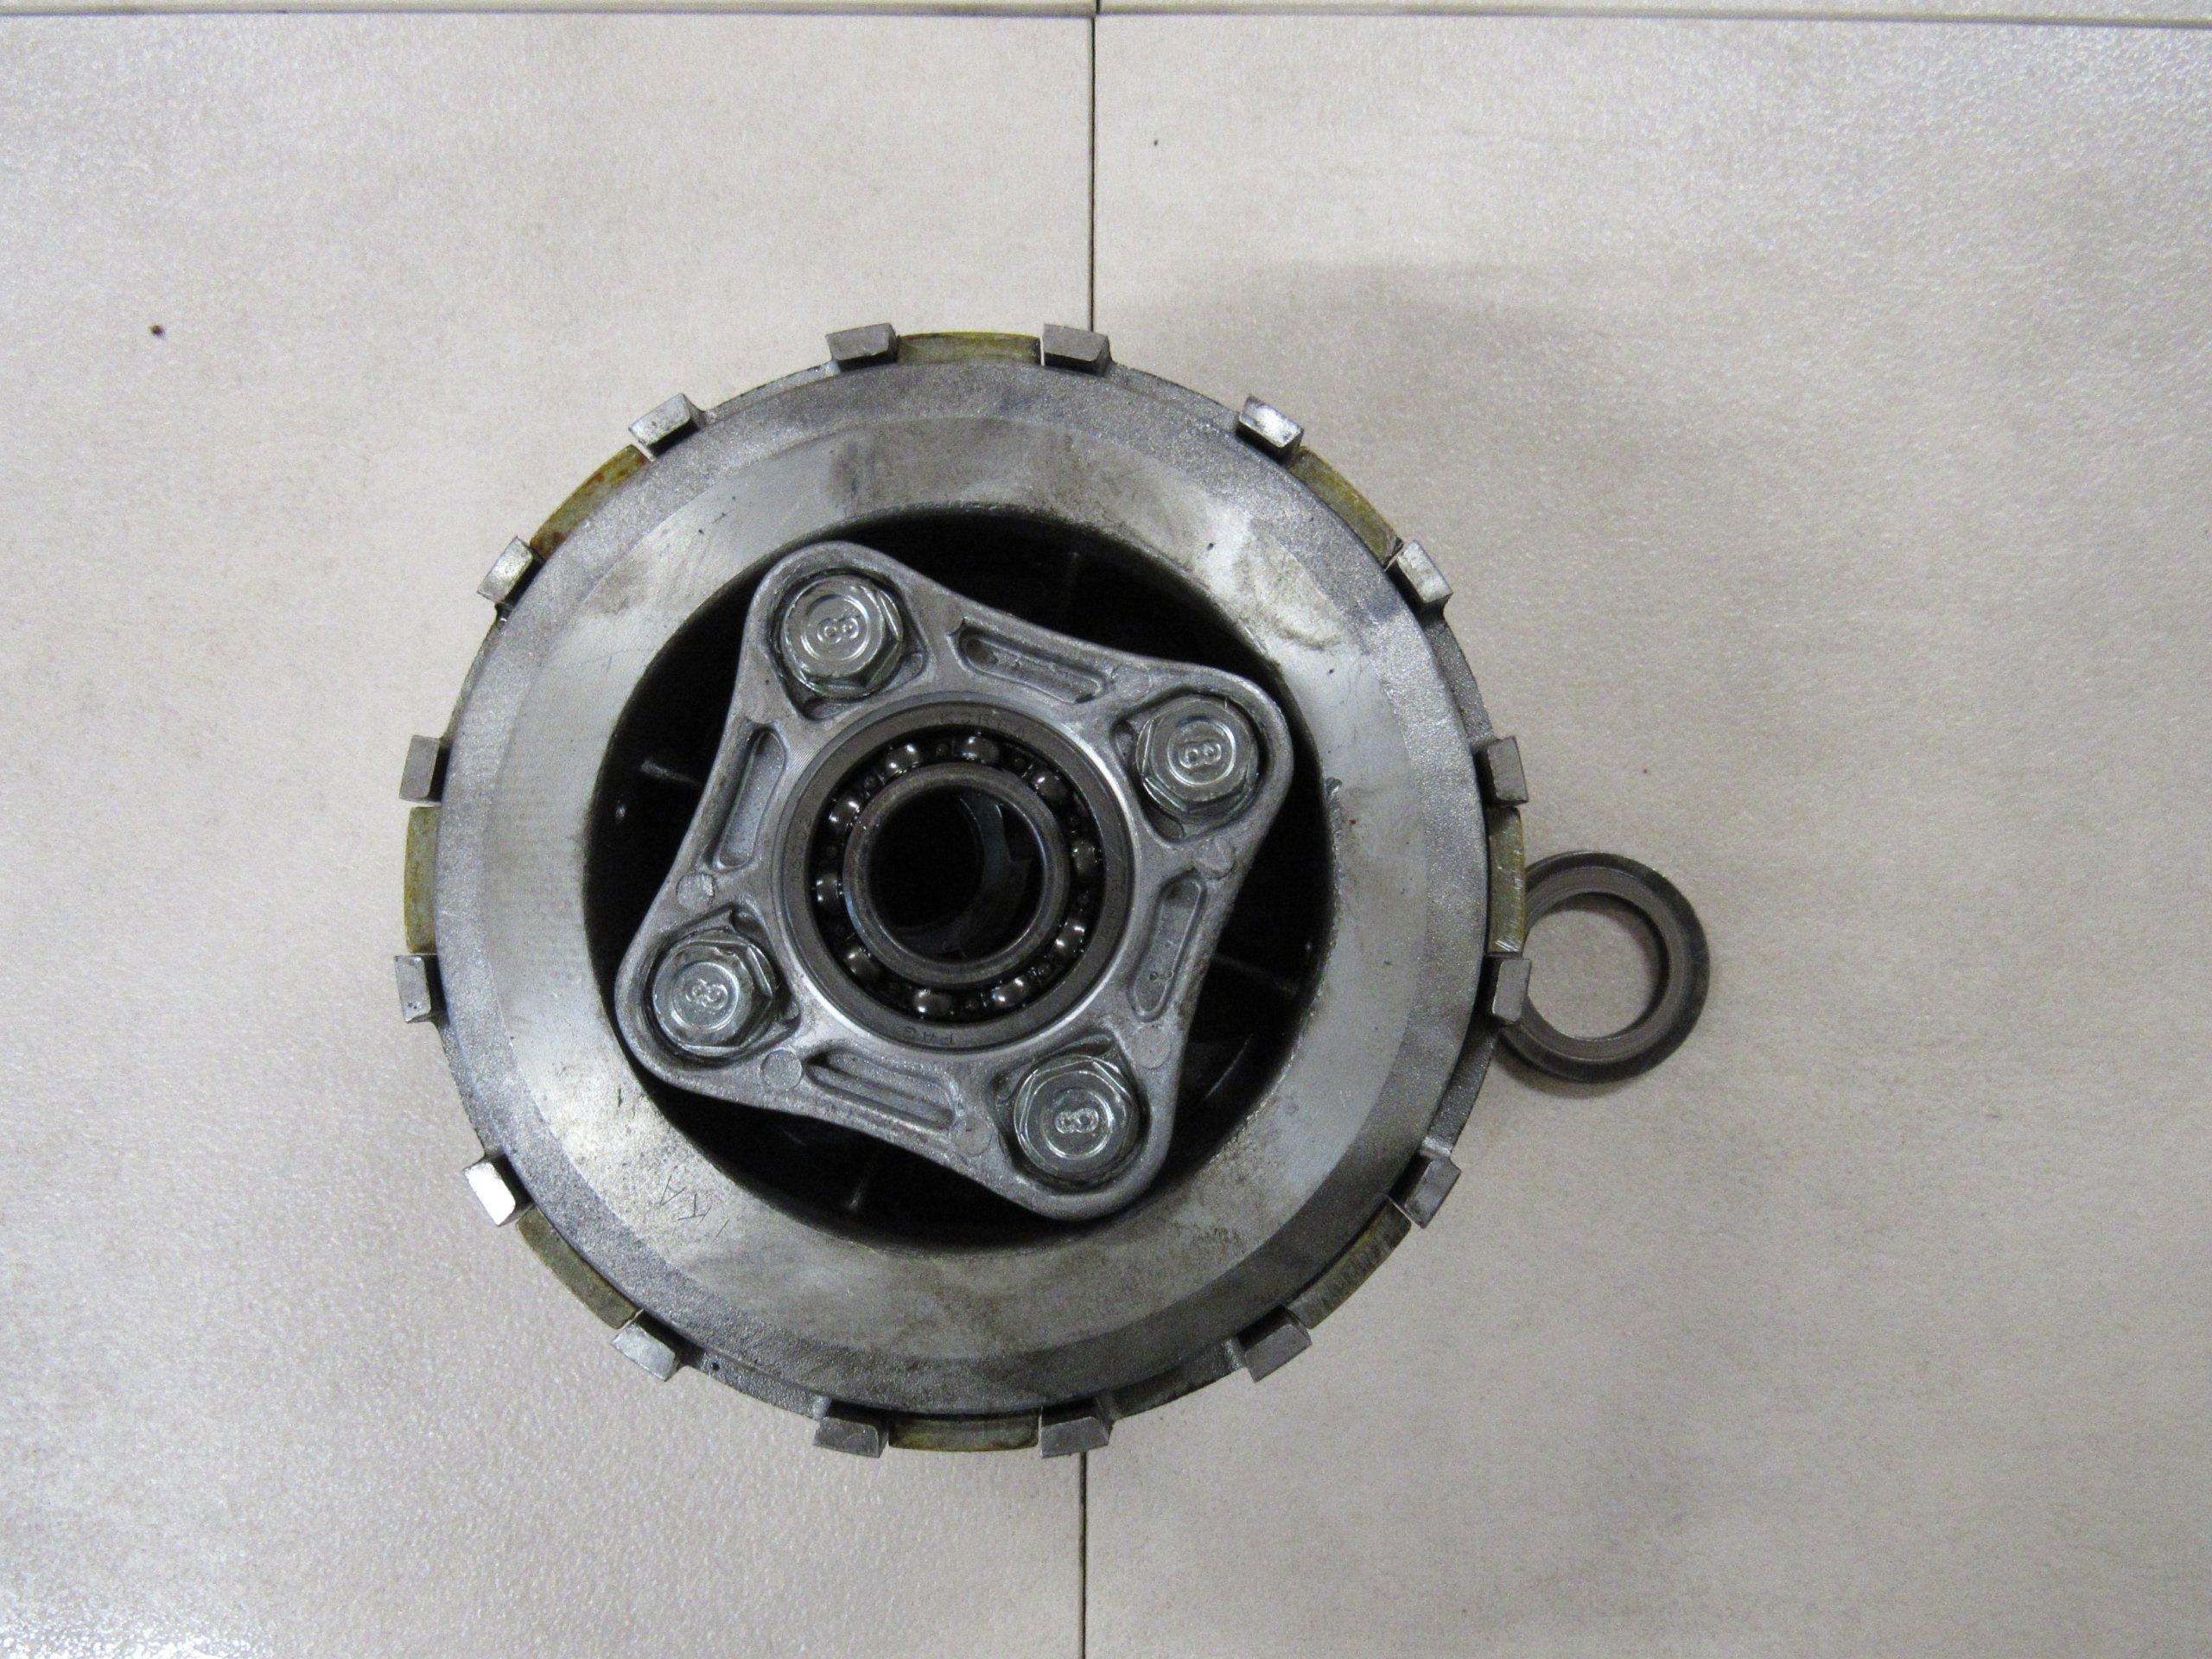 Daelim Daystar VL 125 kosz sprzęgowy sprzęgło